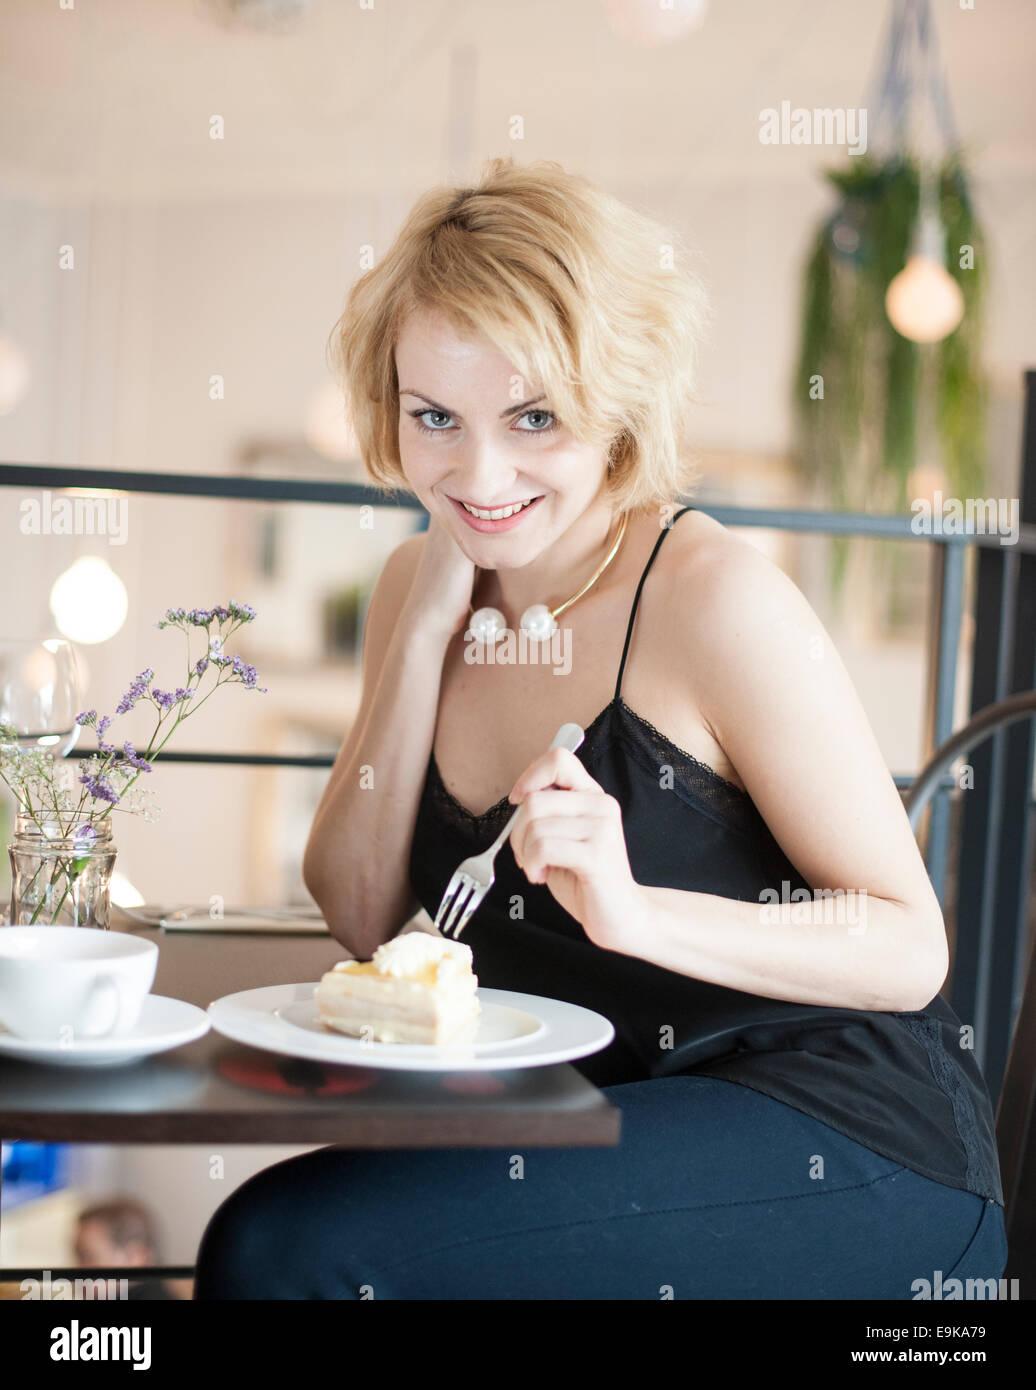 Retrato de mujer joven feliz comiendo pastel de café Foto de stock